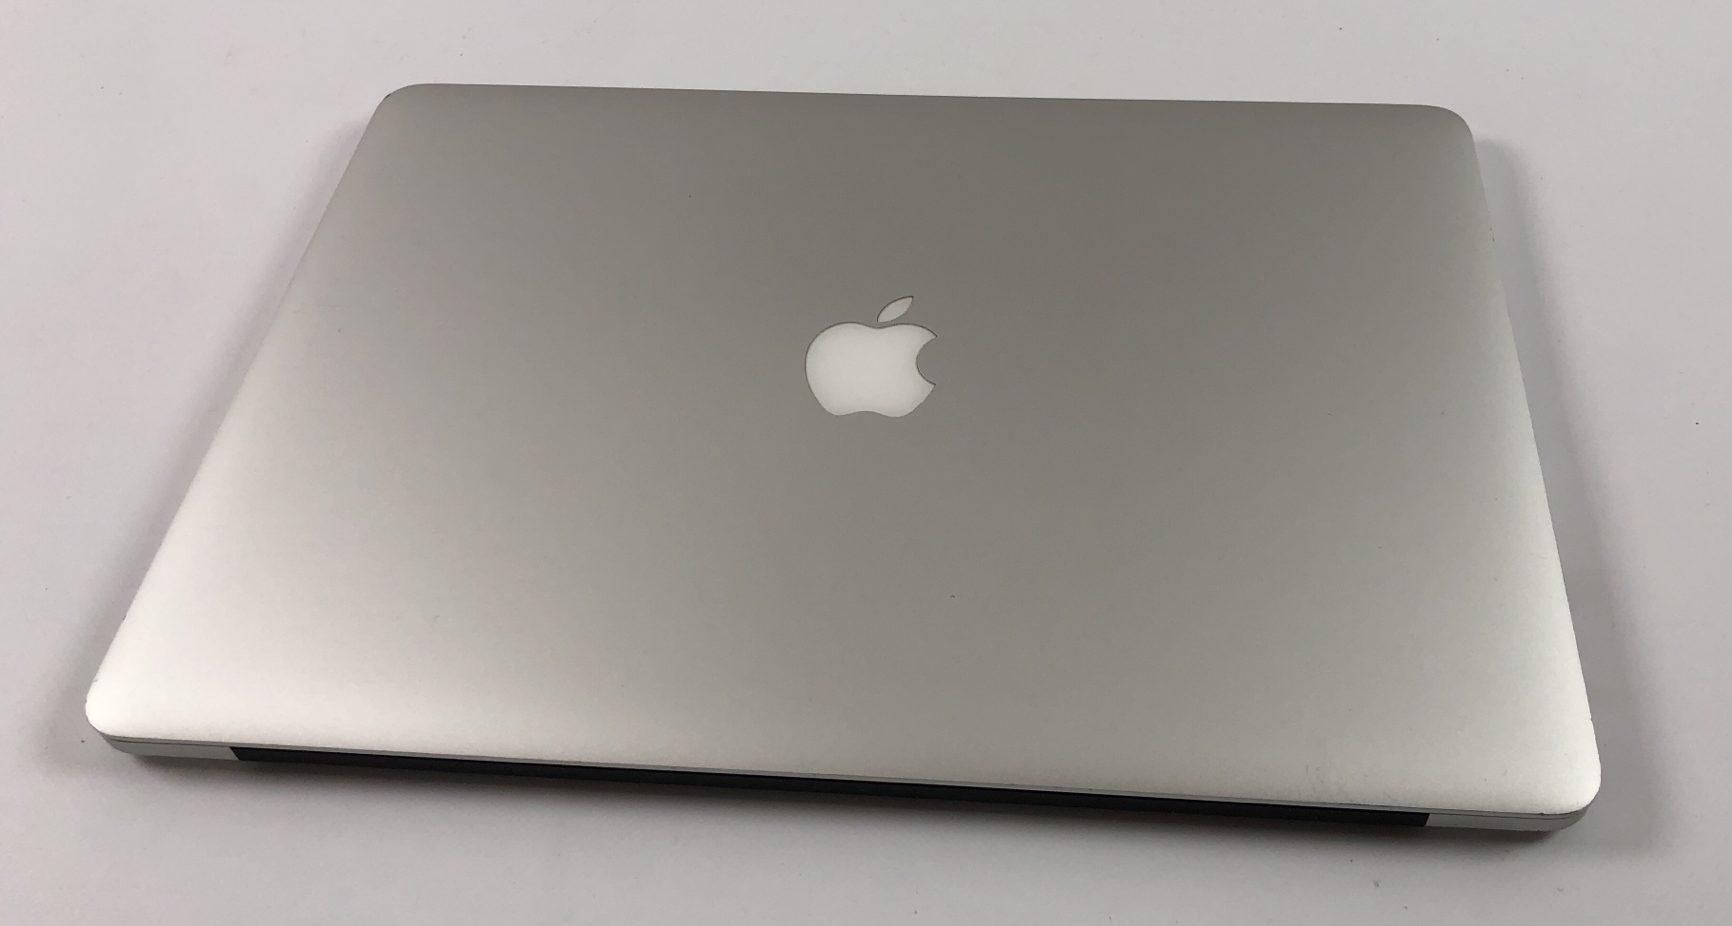 """MacBook Pro Retina 15"""" Mid 2014 (Intel Quad-Core i7 2.2 GHz 16 GB RAM 512 GB SSD), Intel Quad-Core i7 2.2 GHz, 16 GB RAM, 512 GB SSD, Kuva 2"""